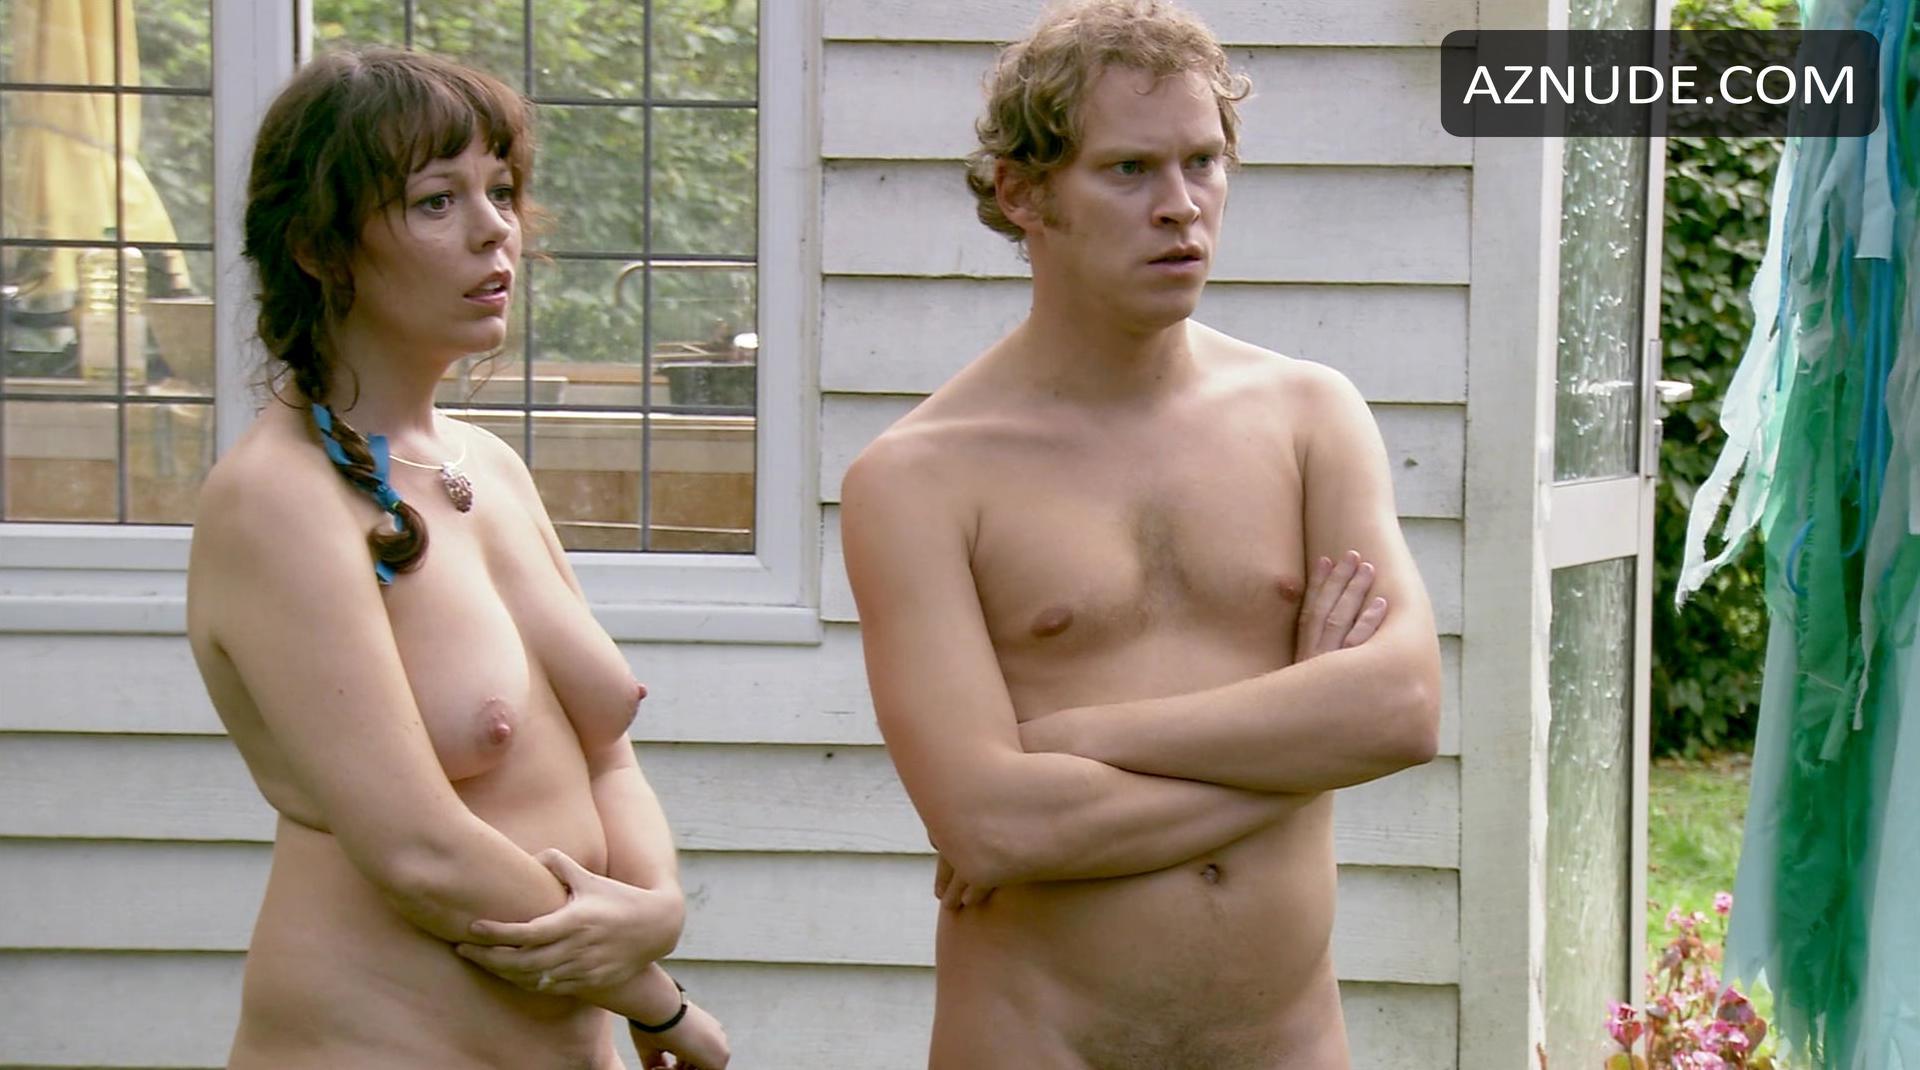 Damaris goddrie nudes (61 pic)